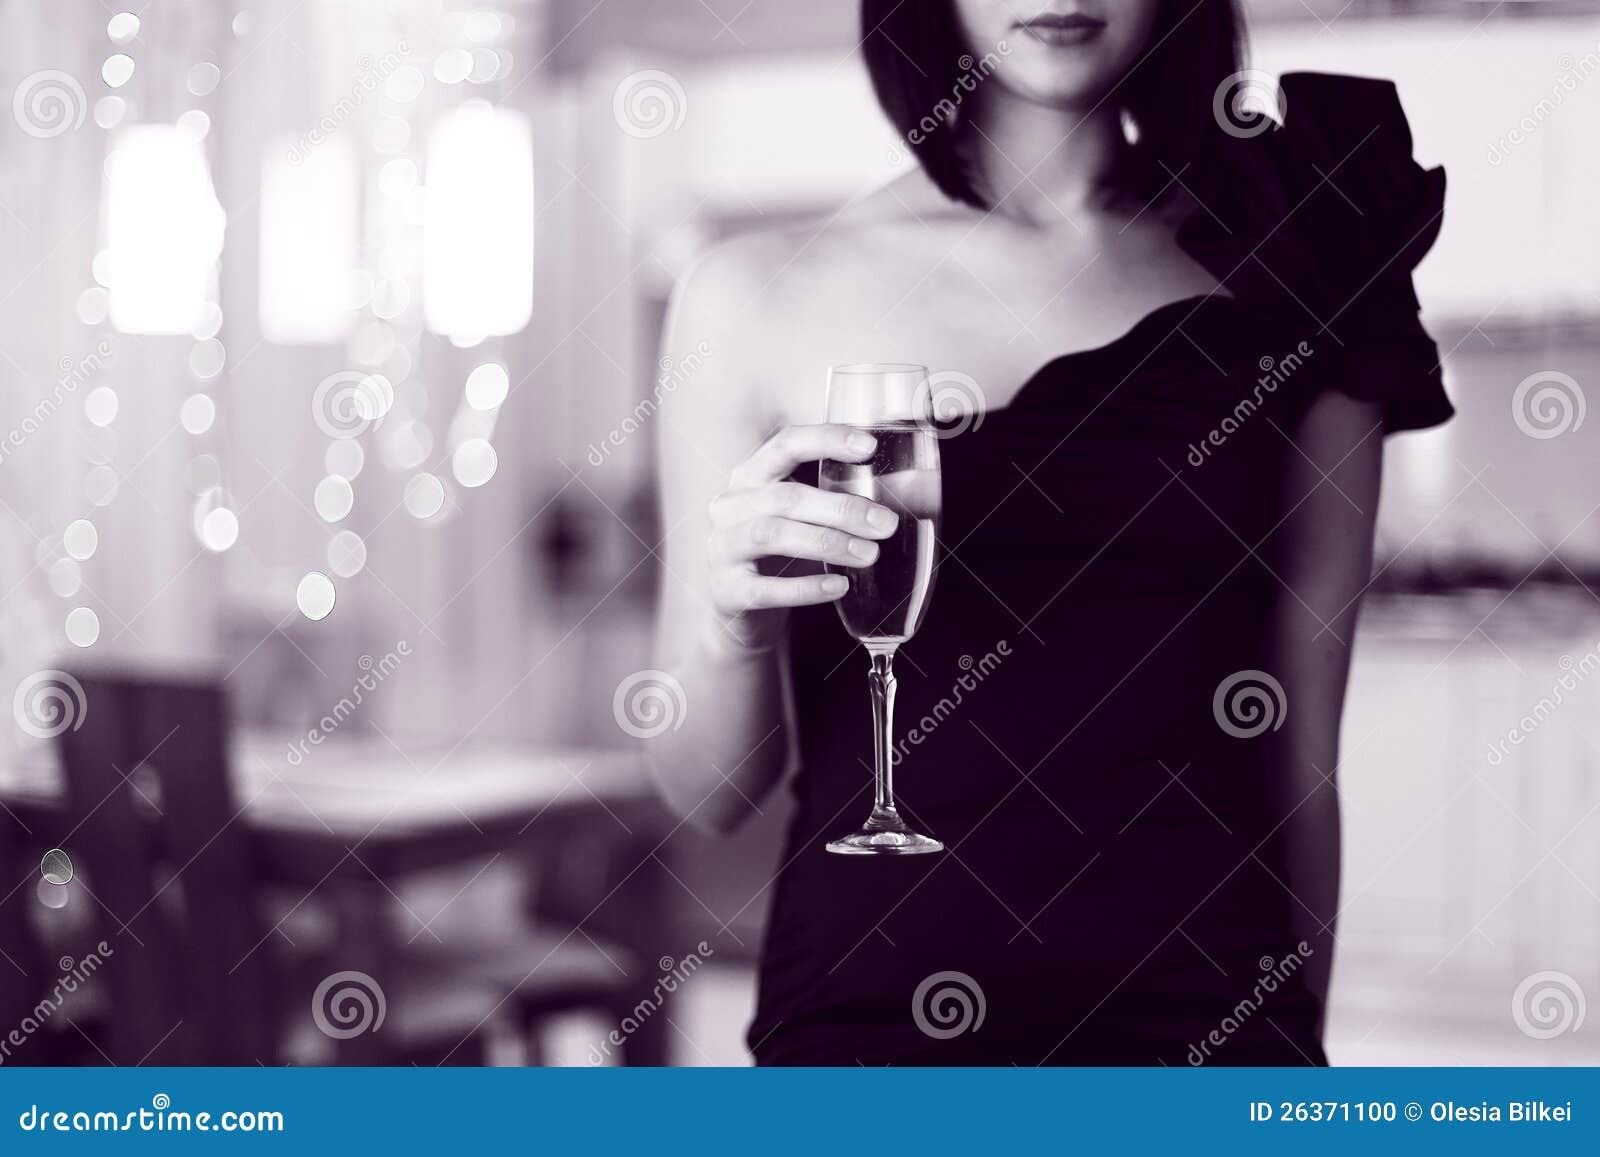 Hübsche Frau in den frohen Lappen, Glas des Getränks anhalten